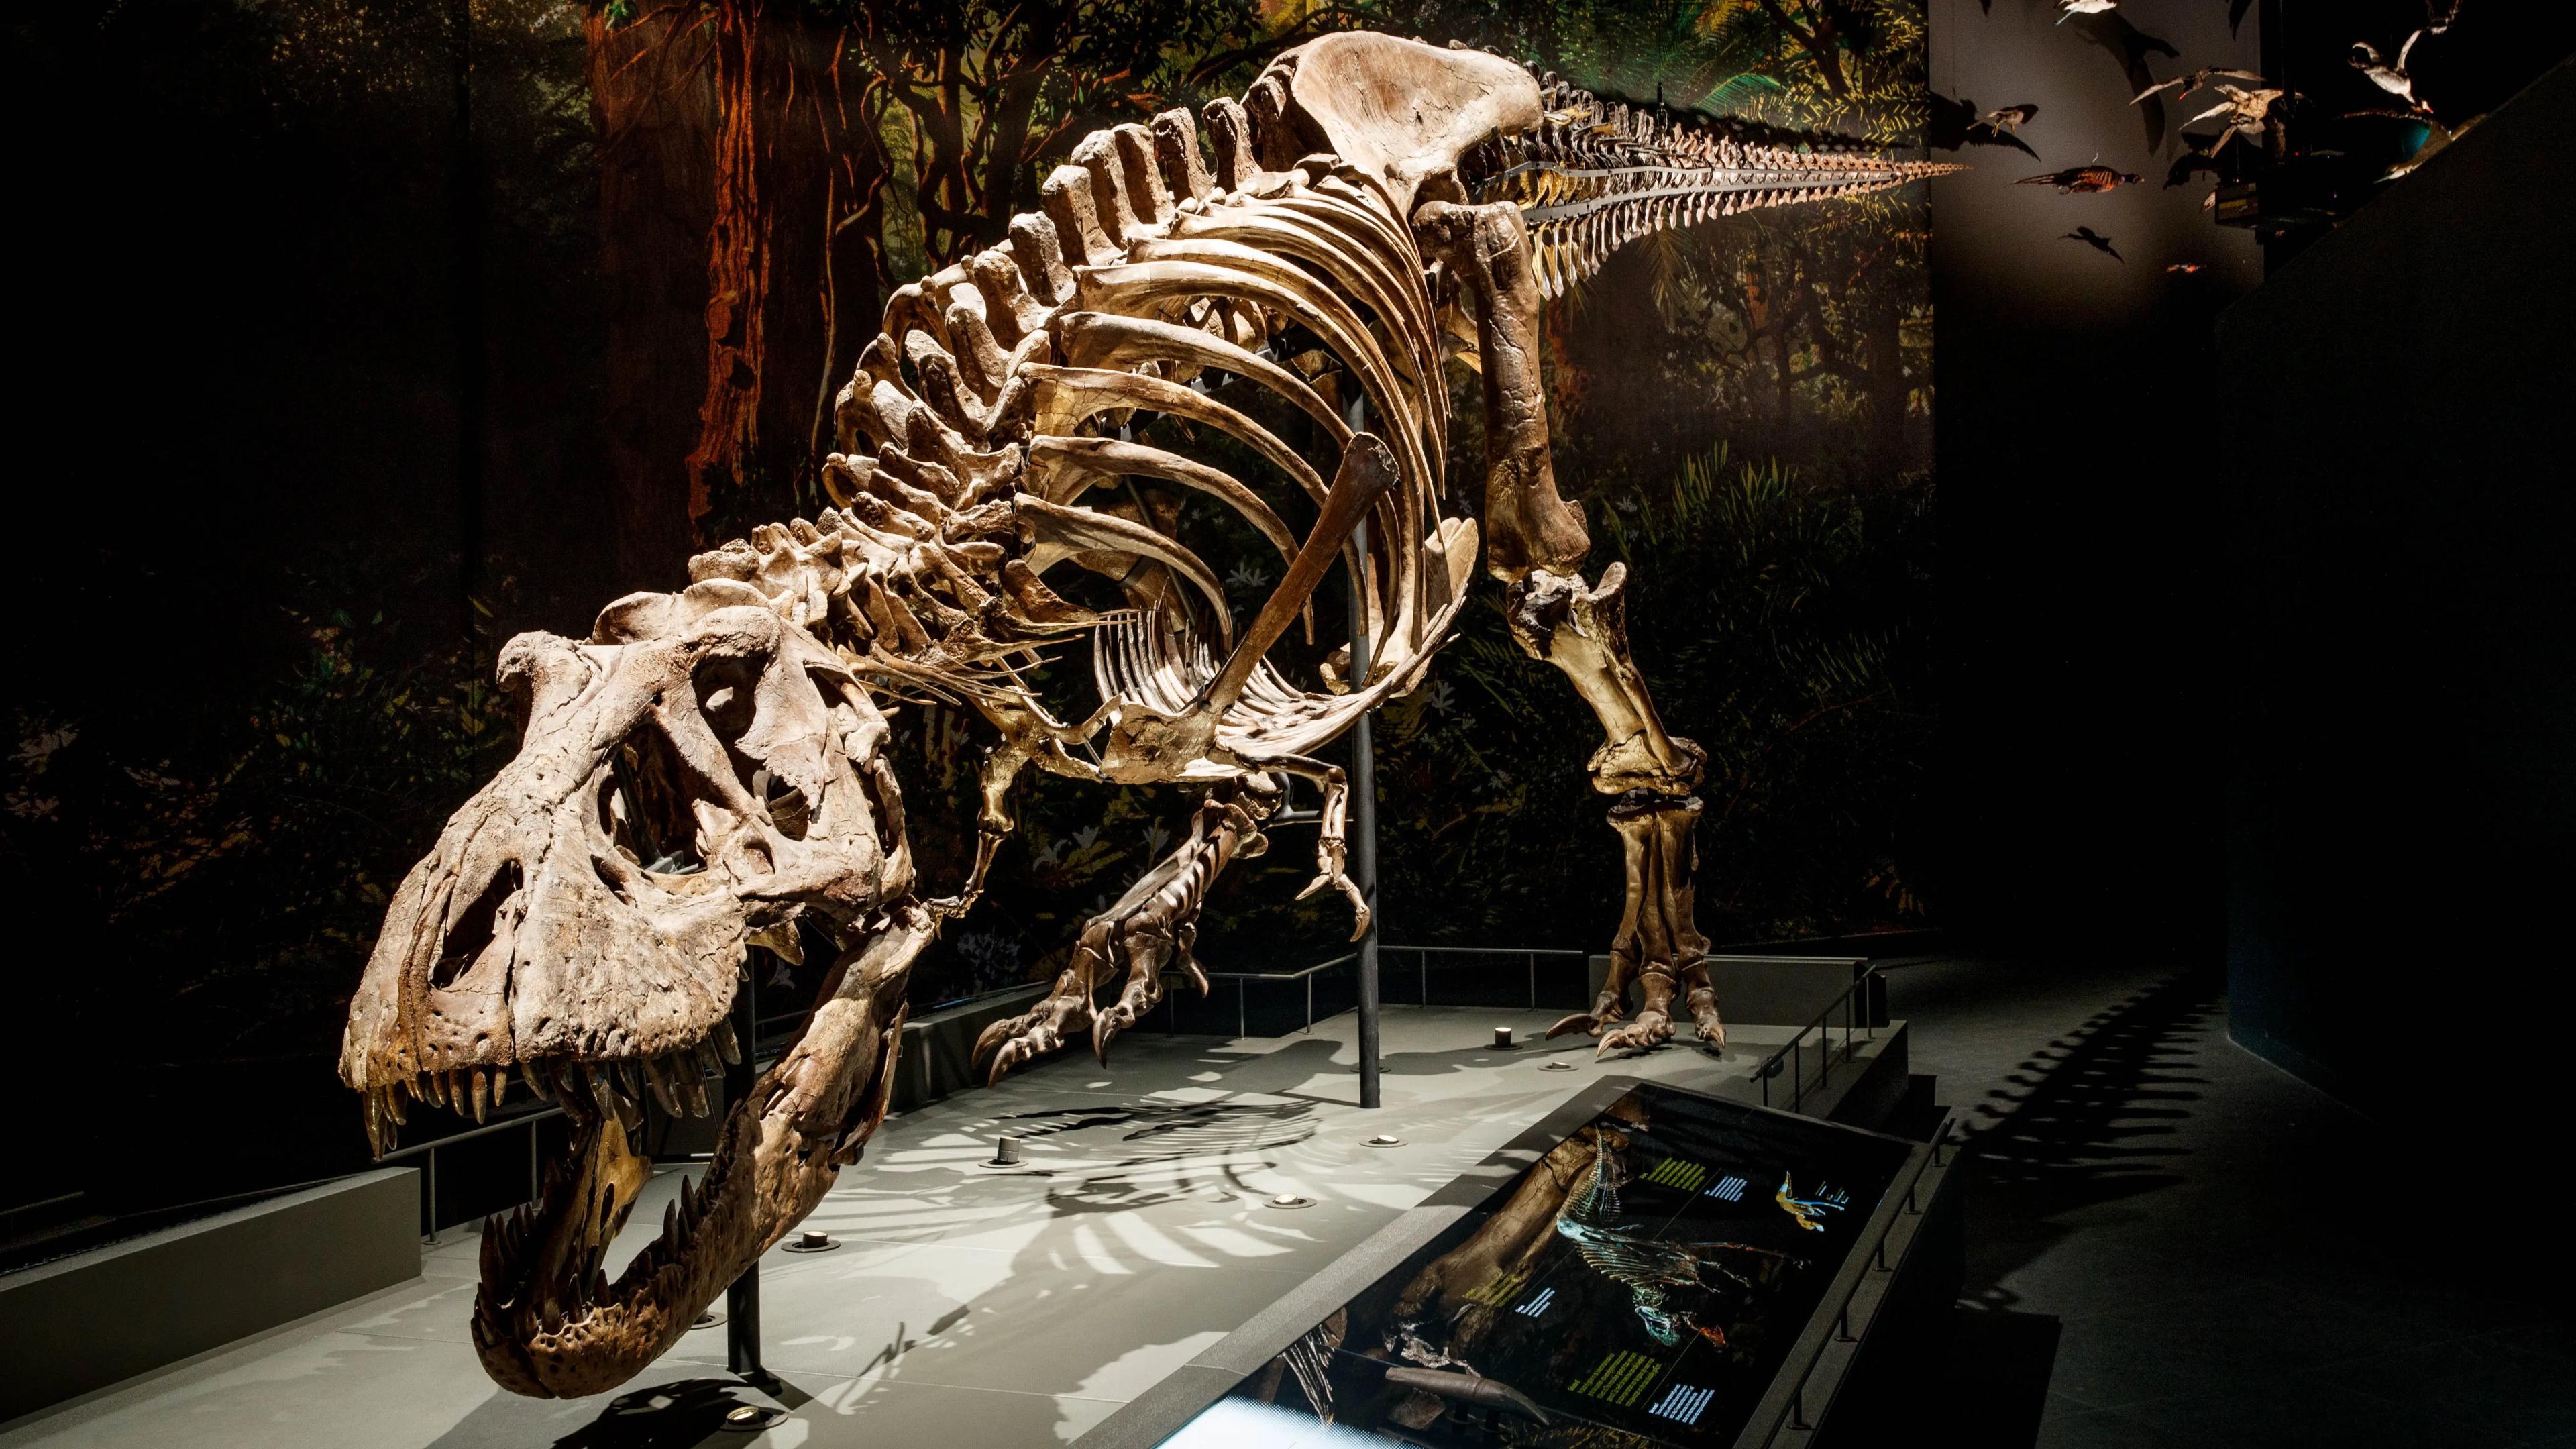 Тираннозавр оказался обладателем чувствительных челюстей